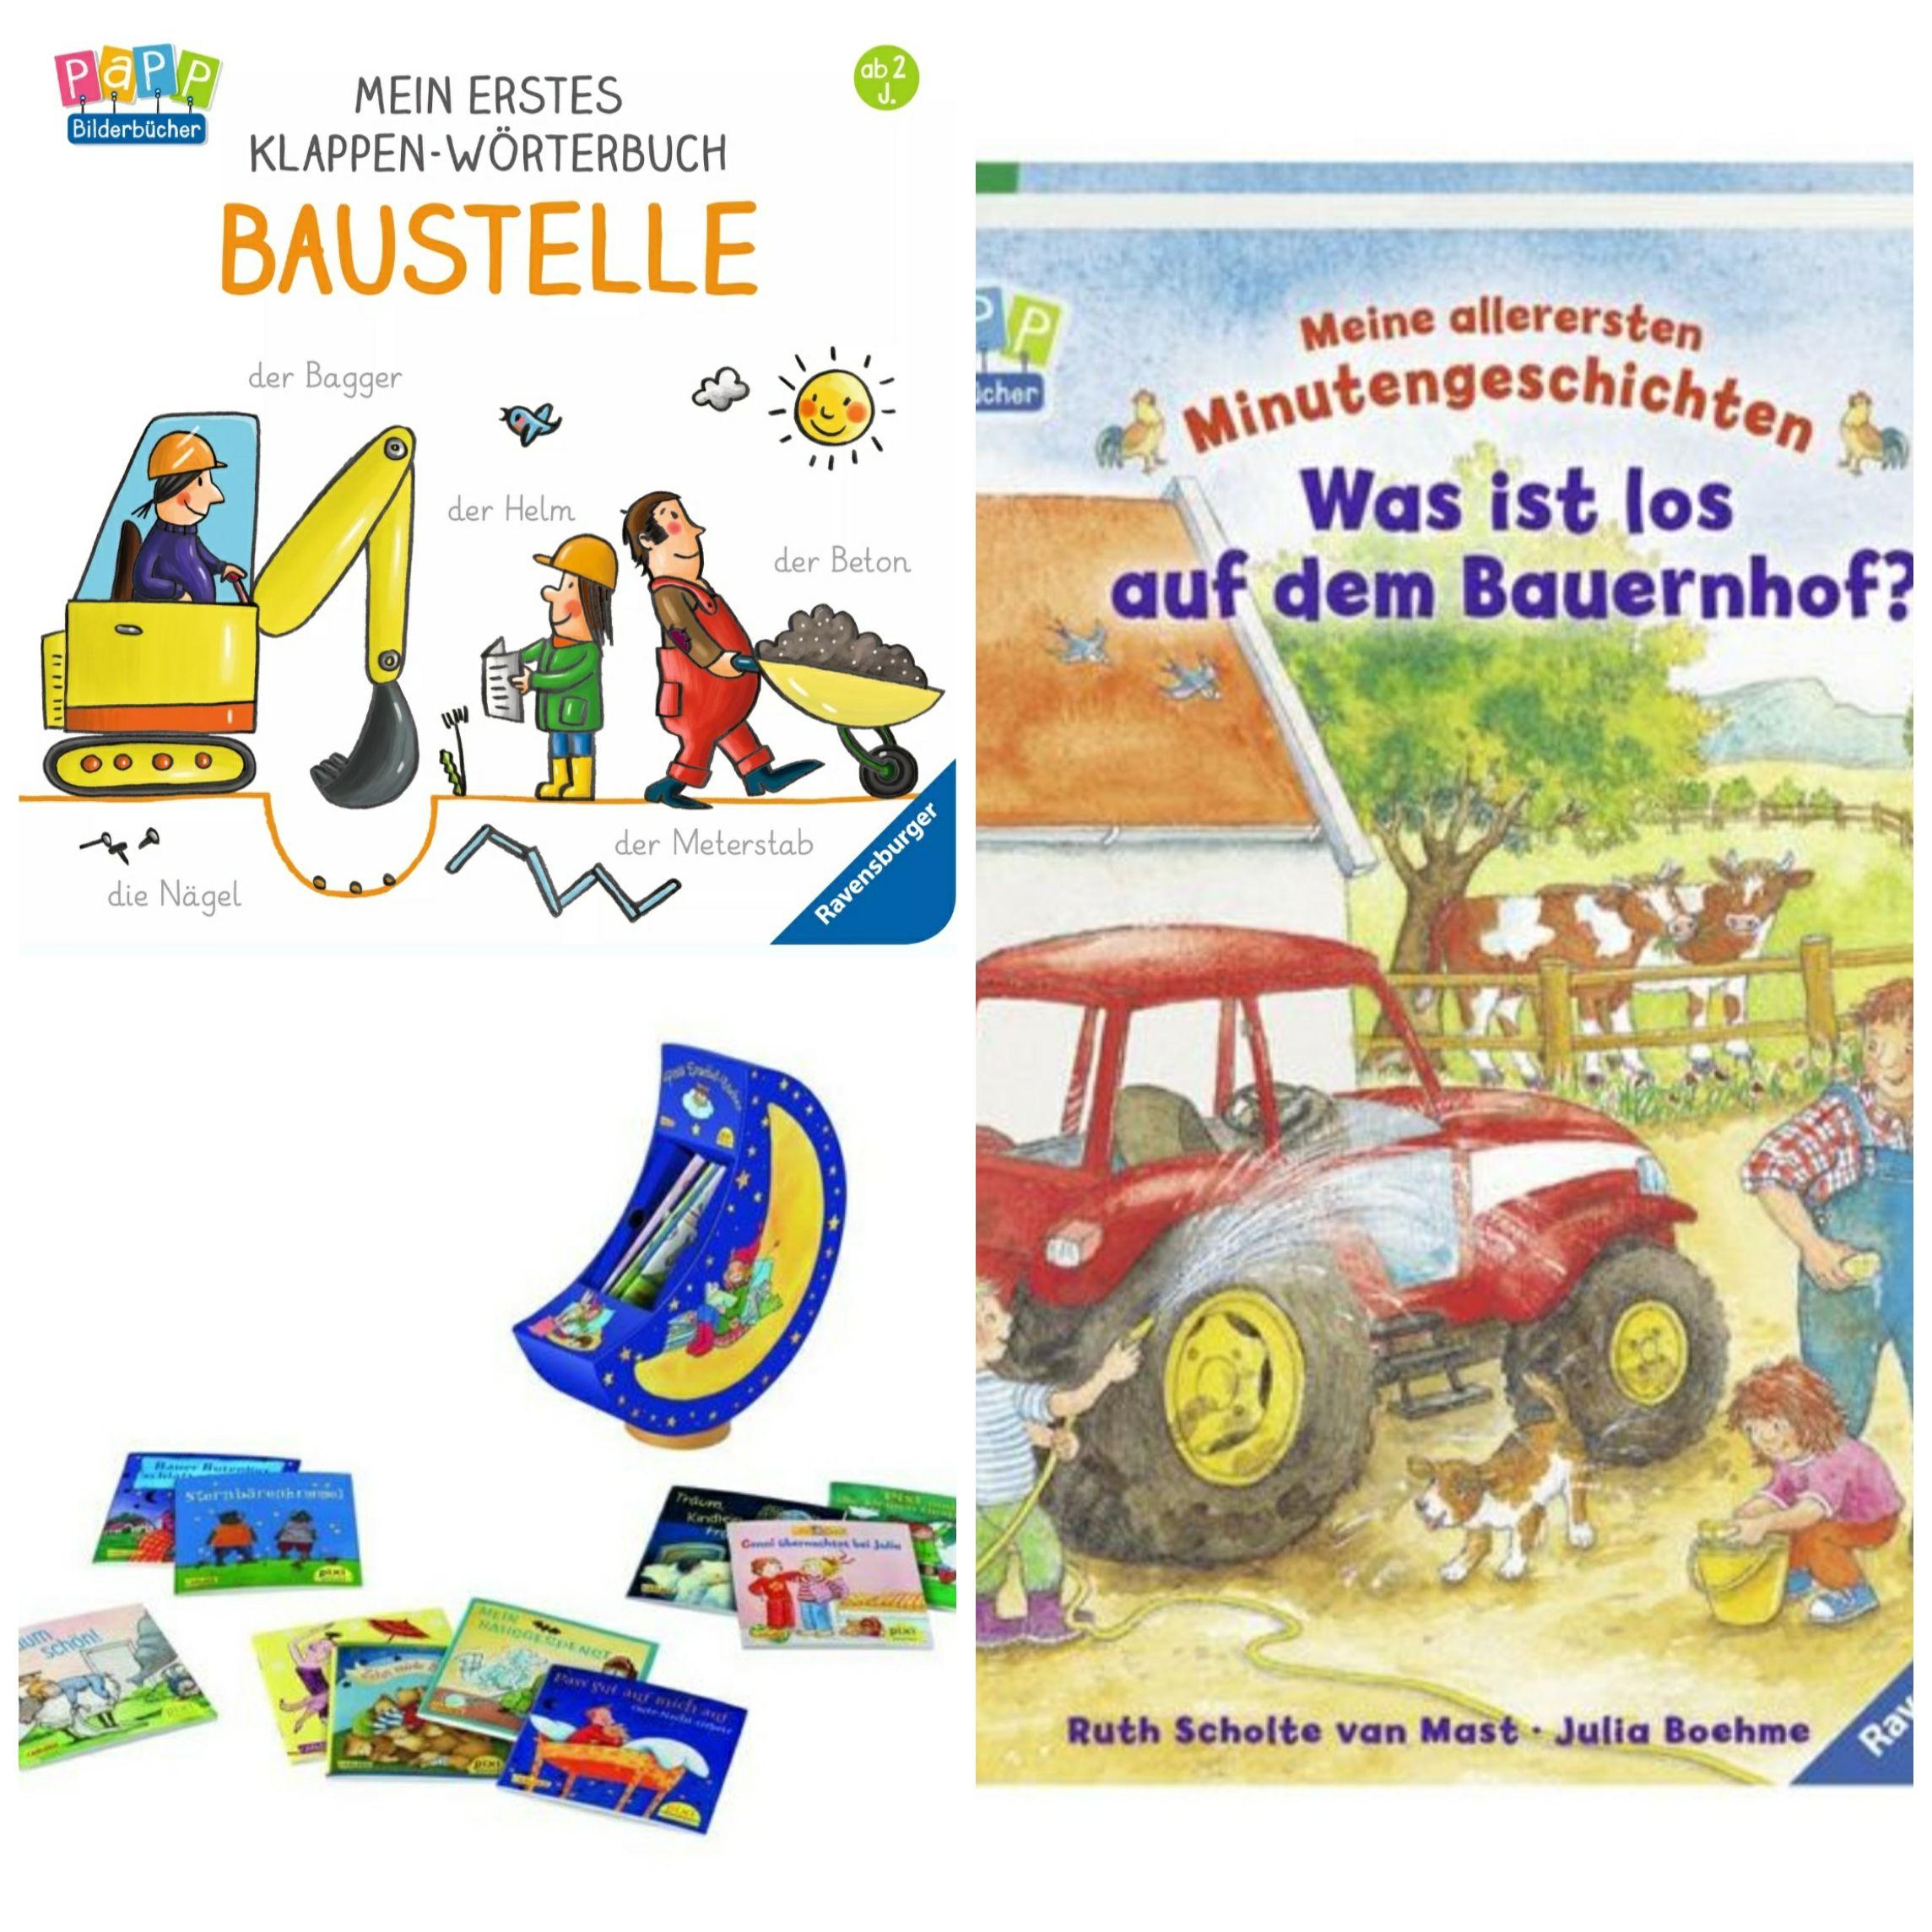 Bücher von Ravensburger (Baustelle + Bauernhof) PIXI Spieluhr mit 15 Pixis